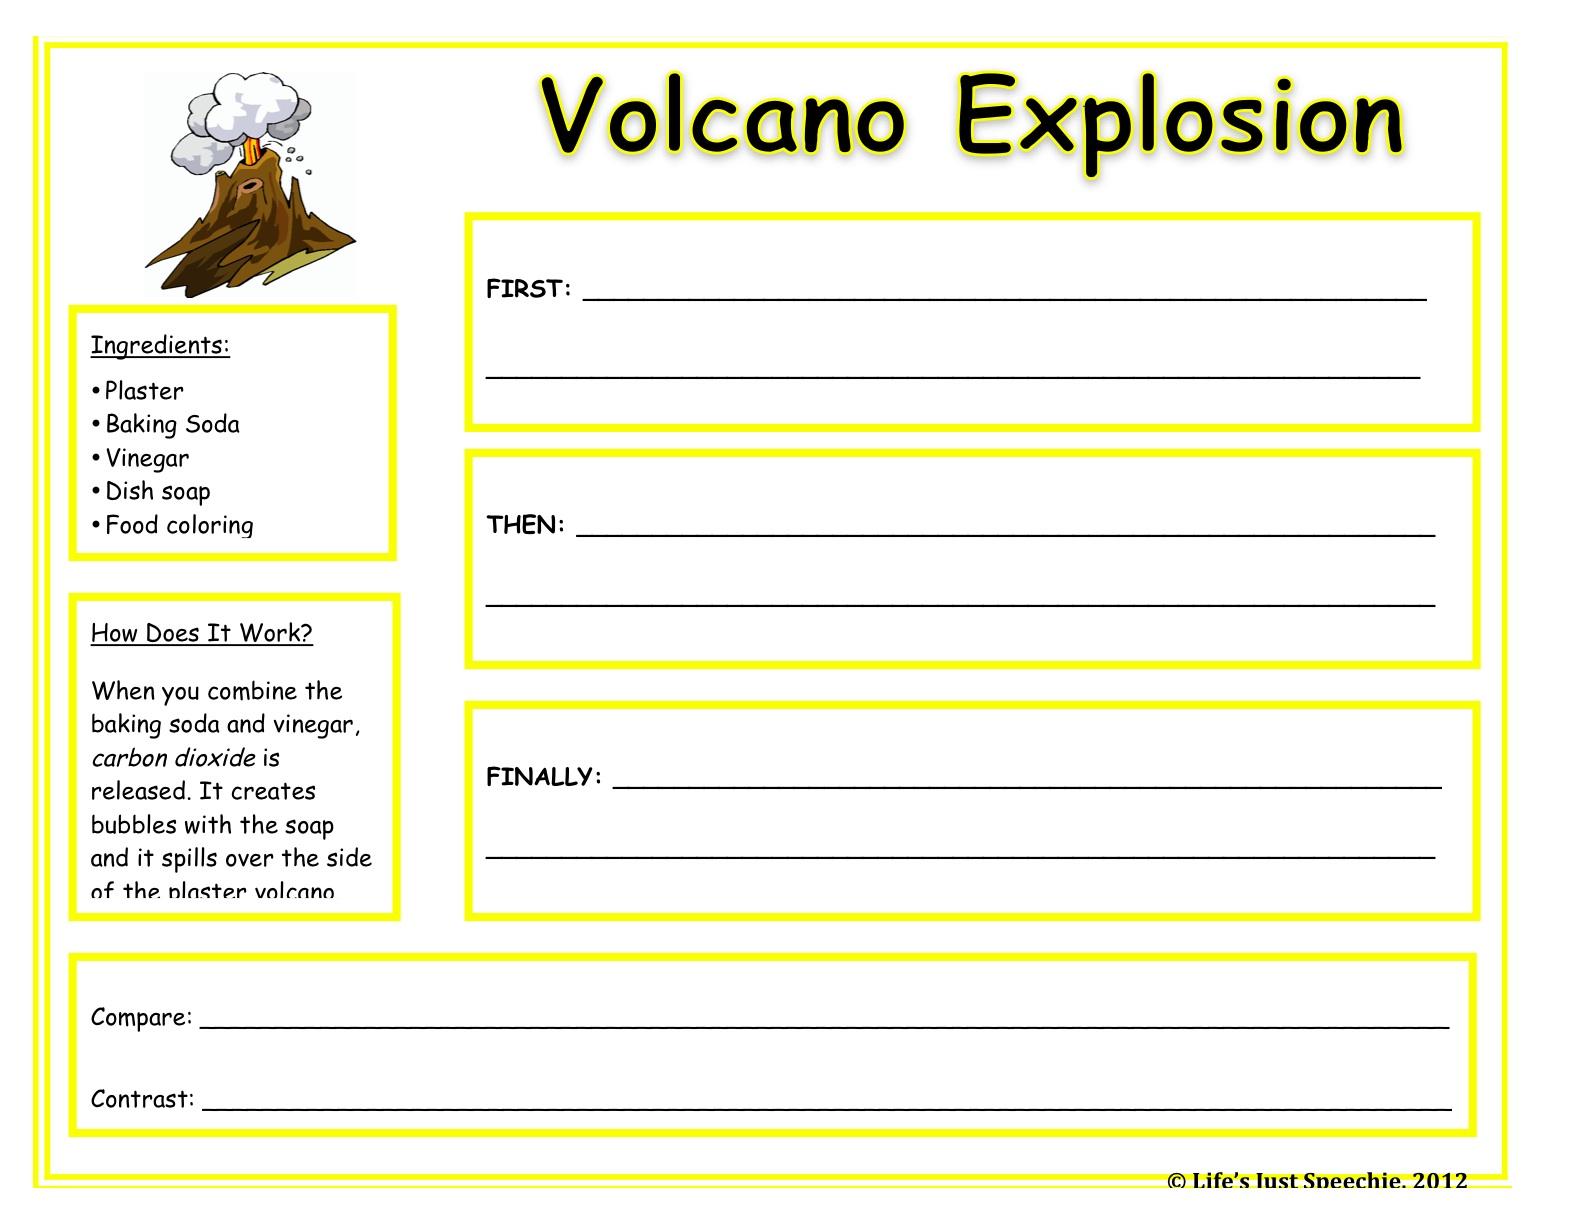 Life Is Just Speechie Quick Update Volcano Success – Volcanoes Worksheets